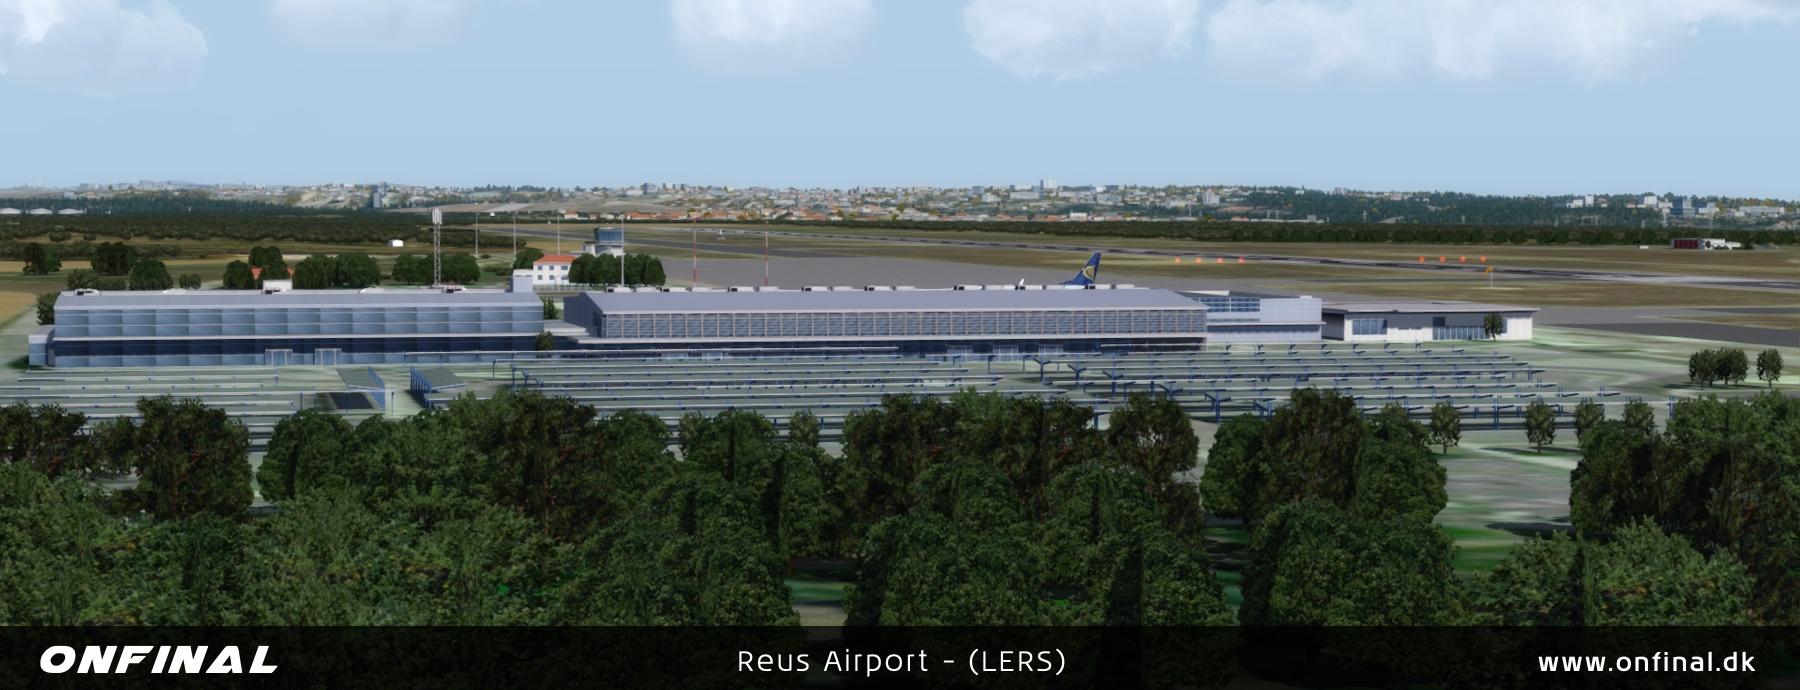 Onfinal Studio - Reus Airport